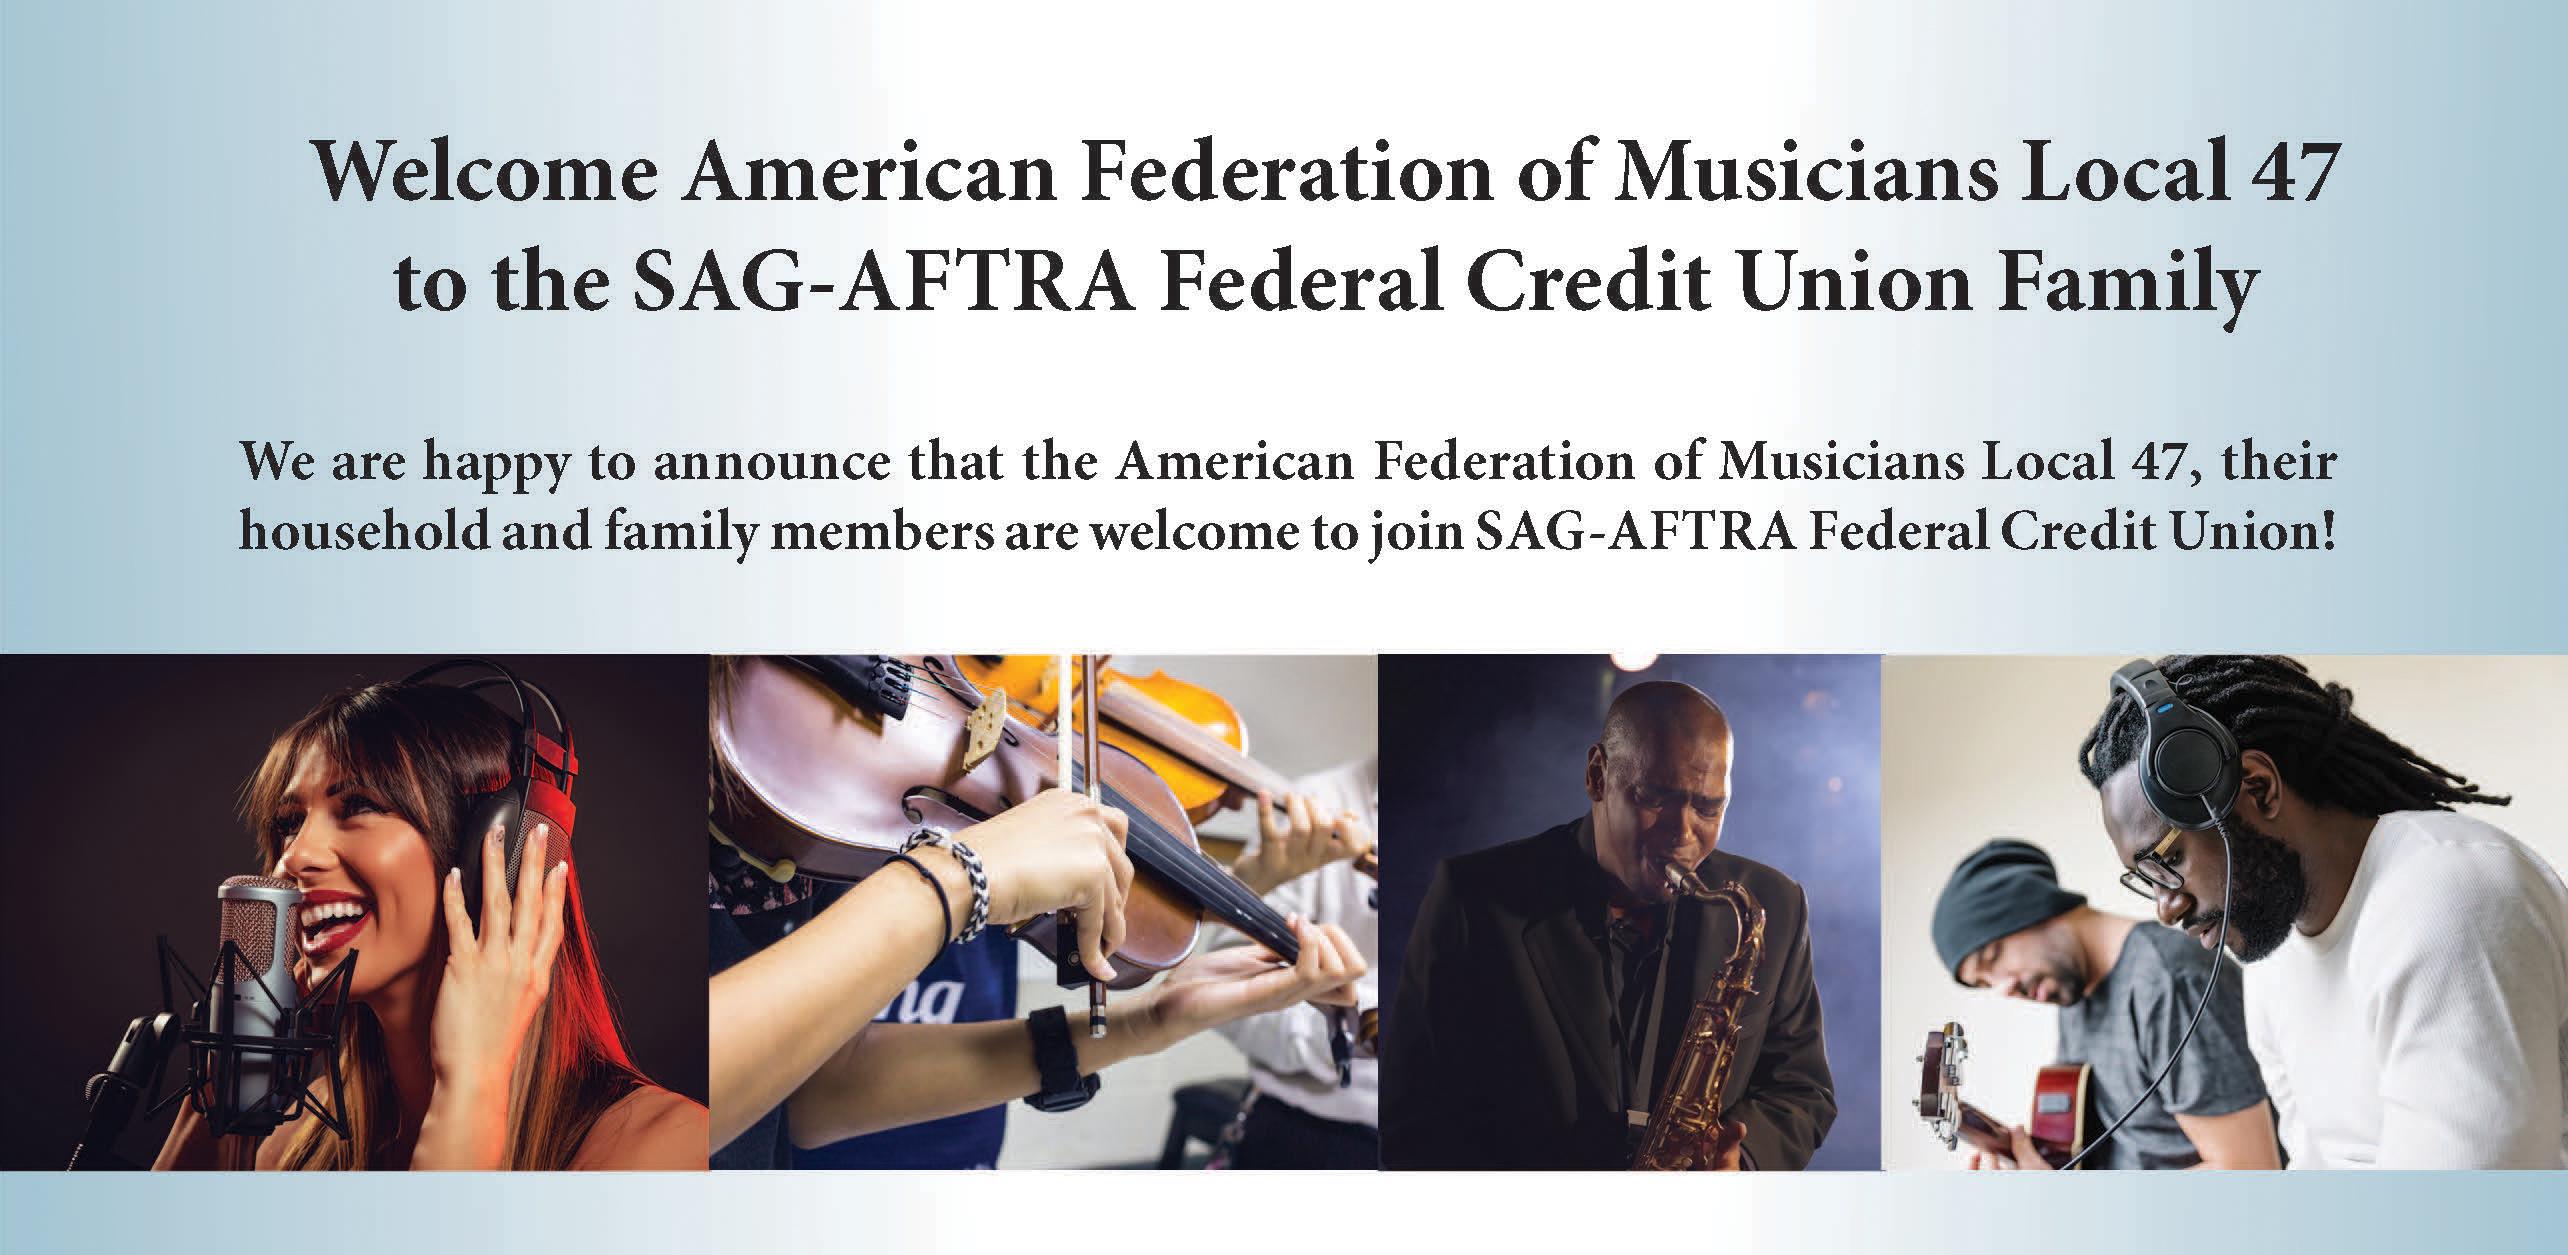 Sag Aftra Fcu >> Sag Aftra Federal Credit Union Afm Local 47